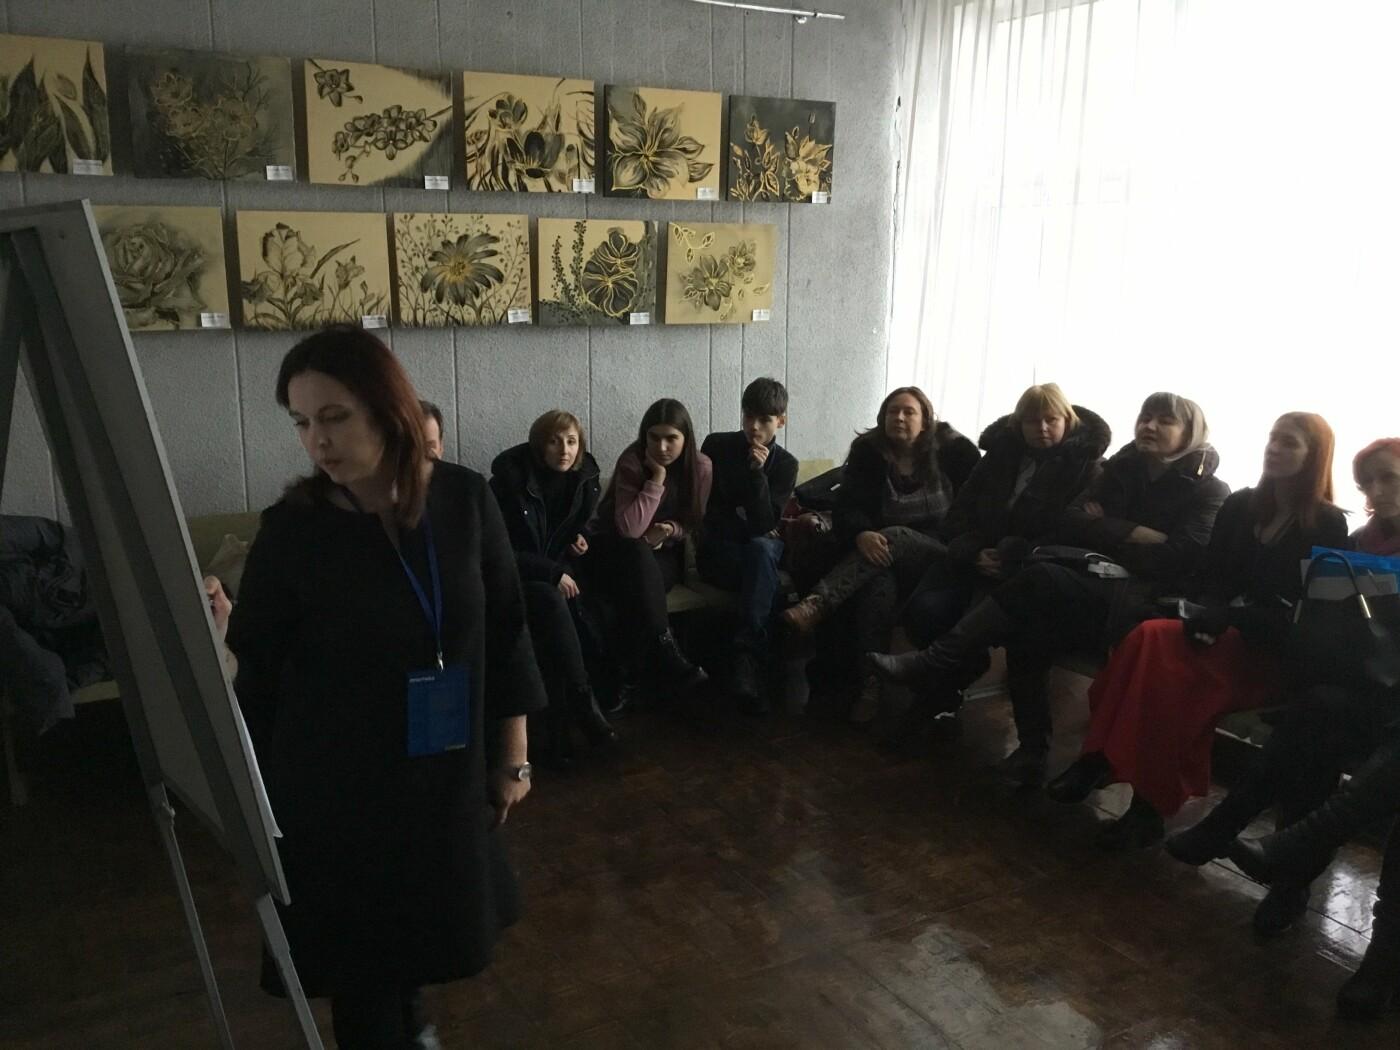 Дружківка: На Форумі місцевого розвитку пройшли плідні дискусії про майбутнє міста та громади (ФОТО), фото-5